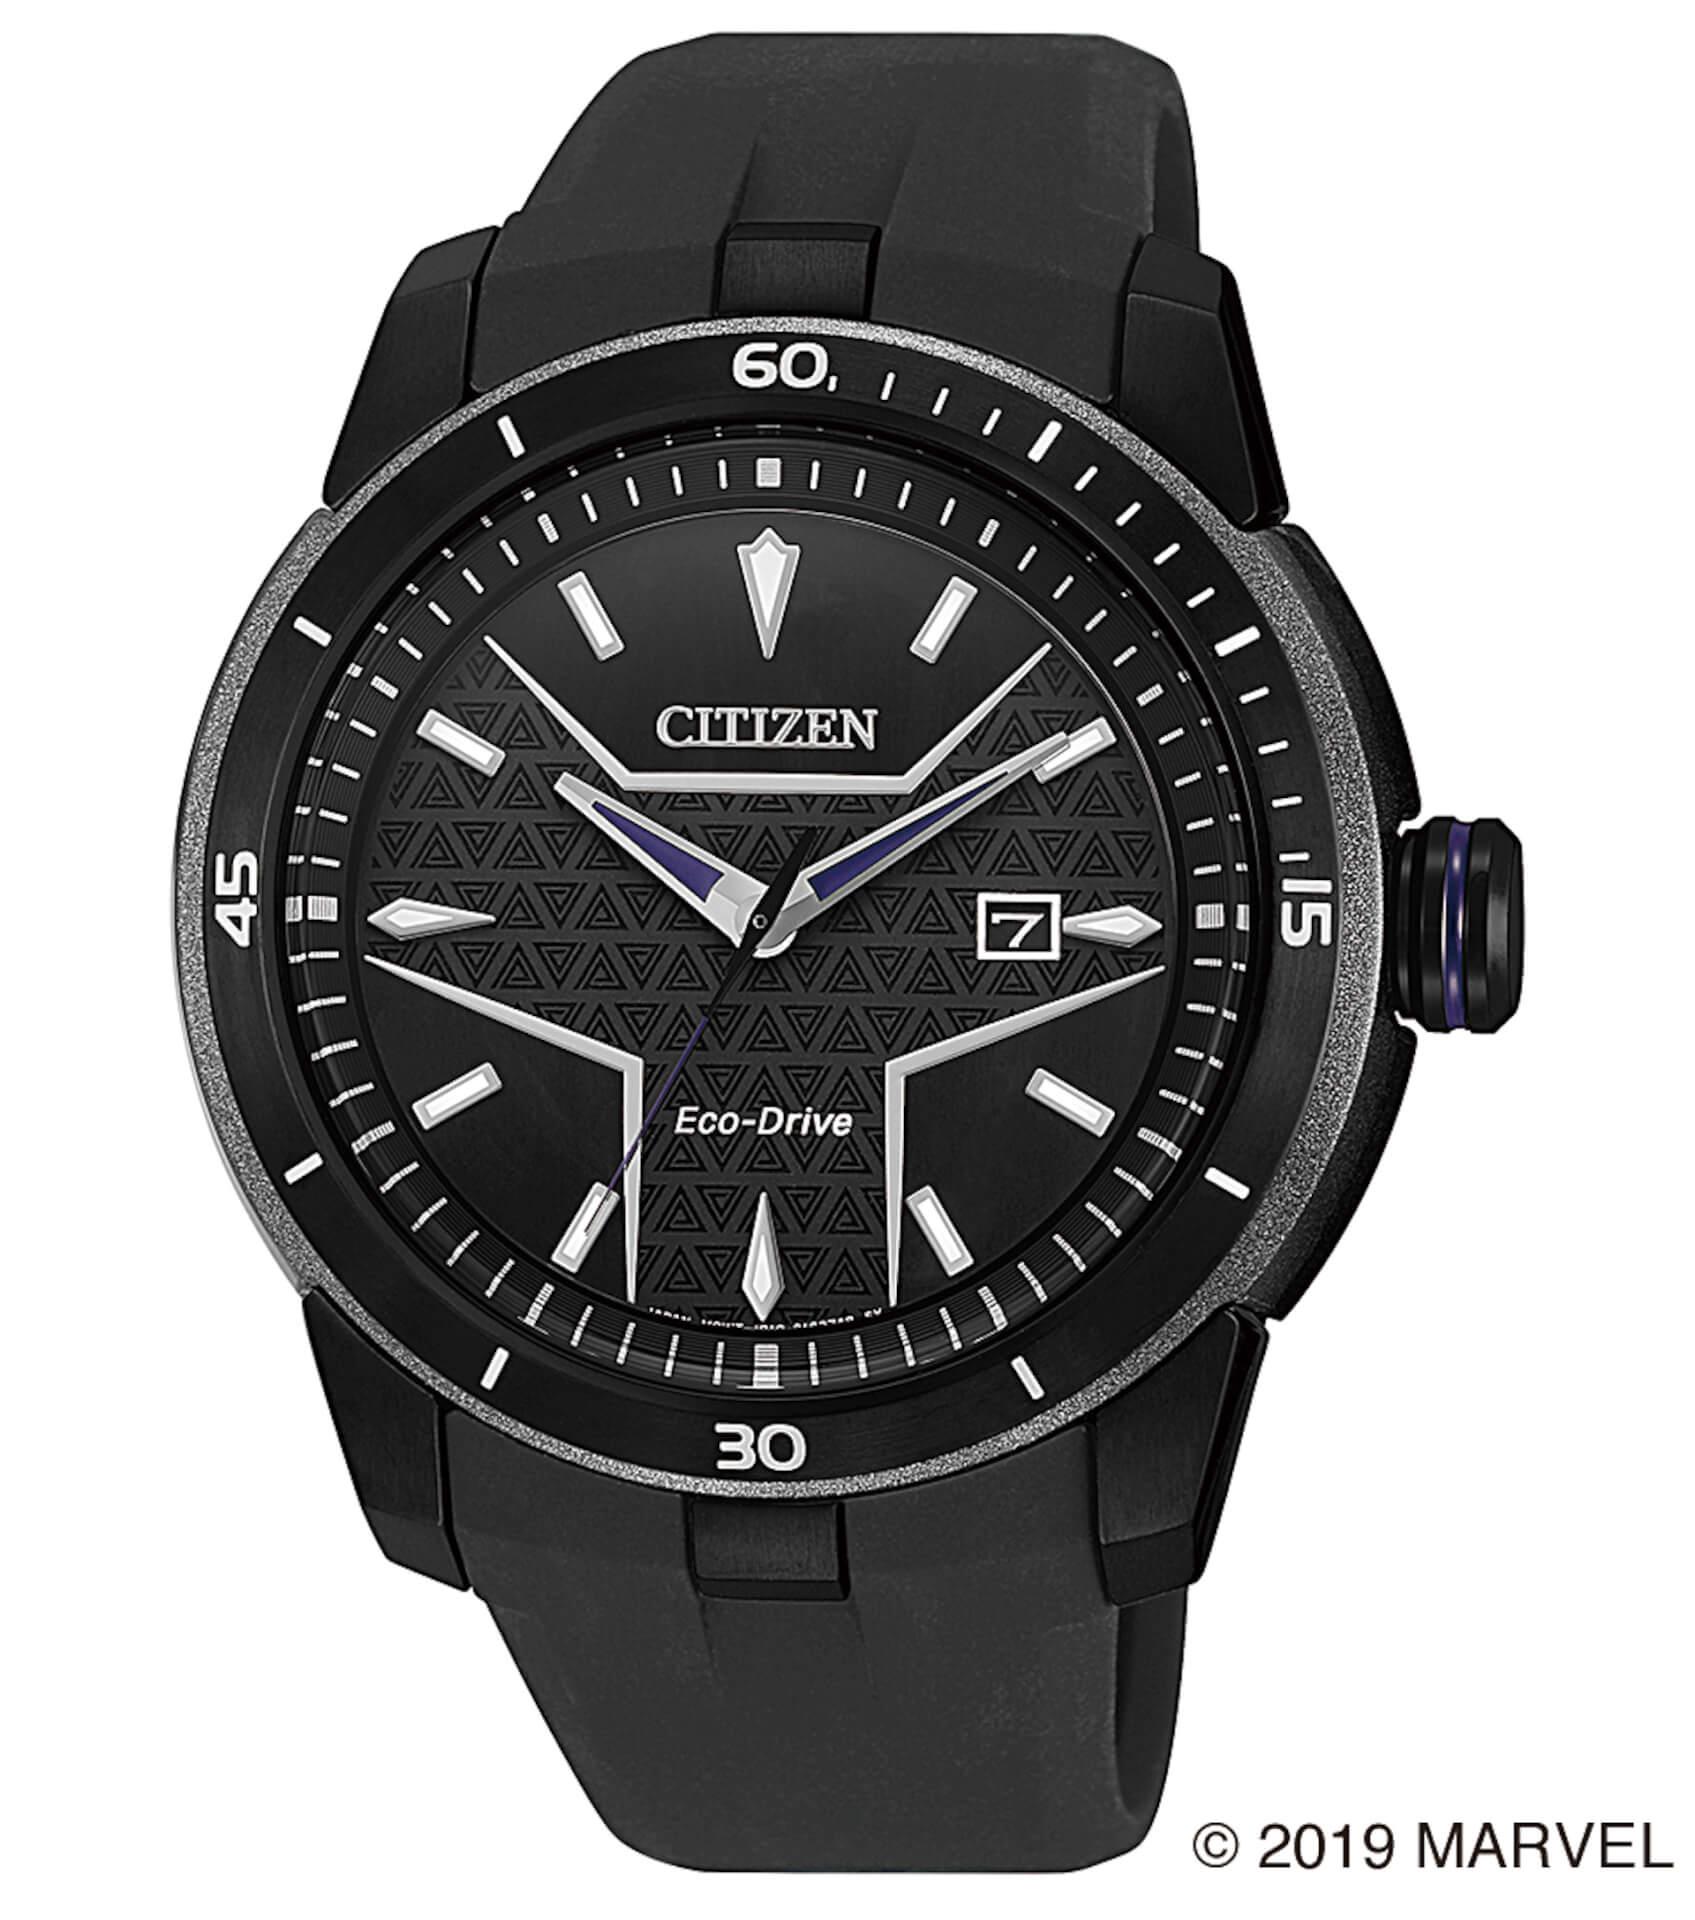 「スパイダーマン」や「キャプテン・アメリカ」が腕時計に!マーベルキャラクターをモチーフにしたシチズン腕時計全9モデルが登場 tech190919_marvel_watch_15